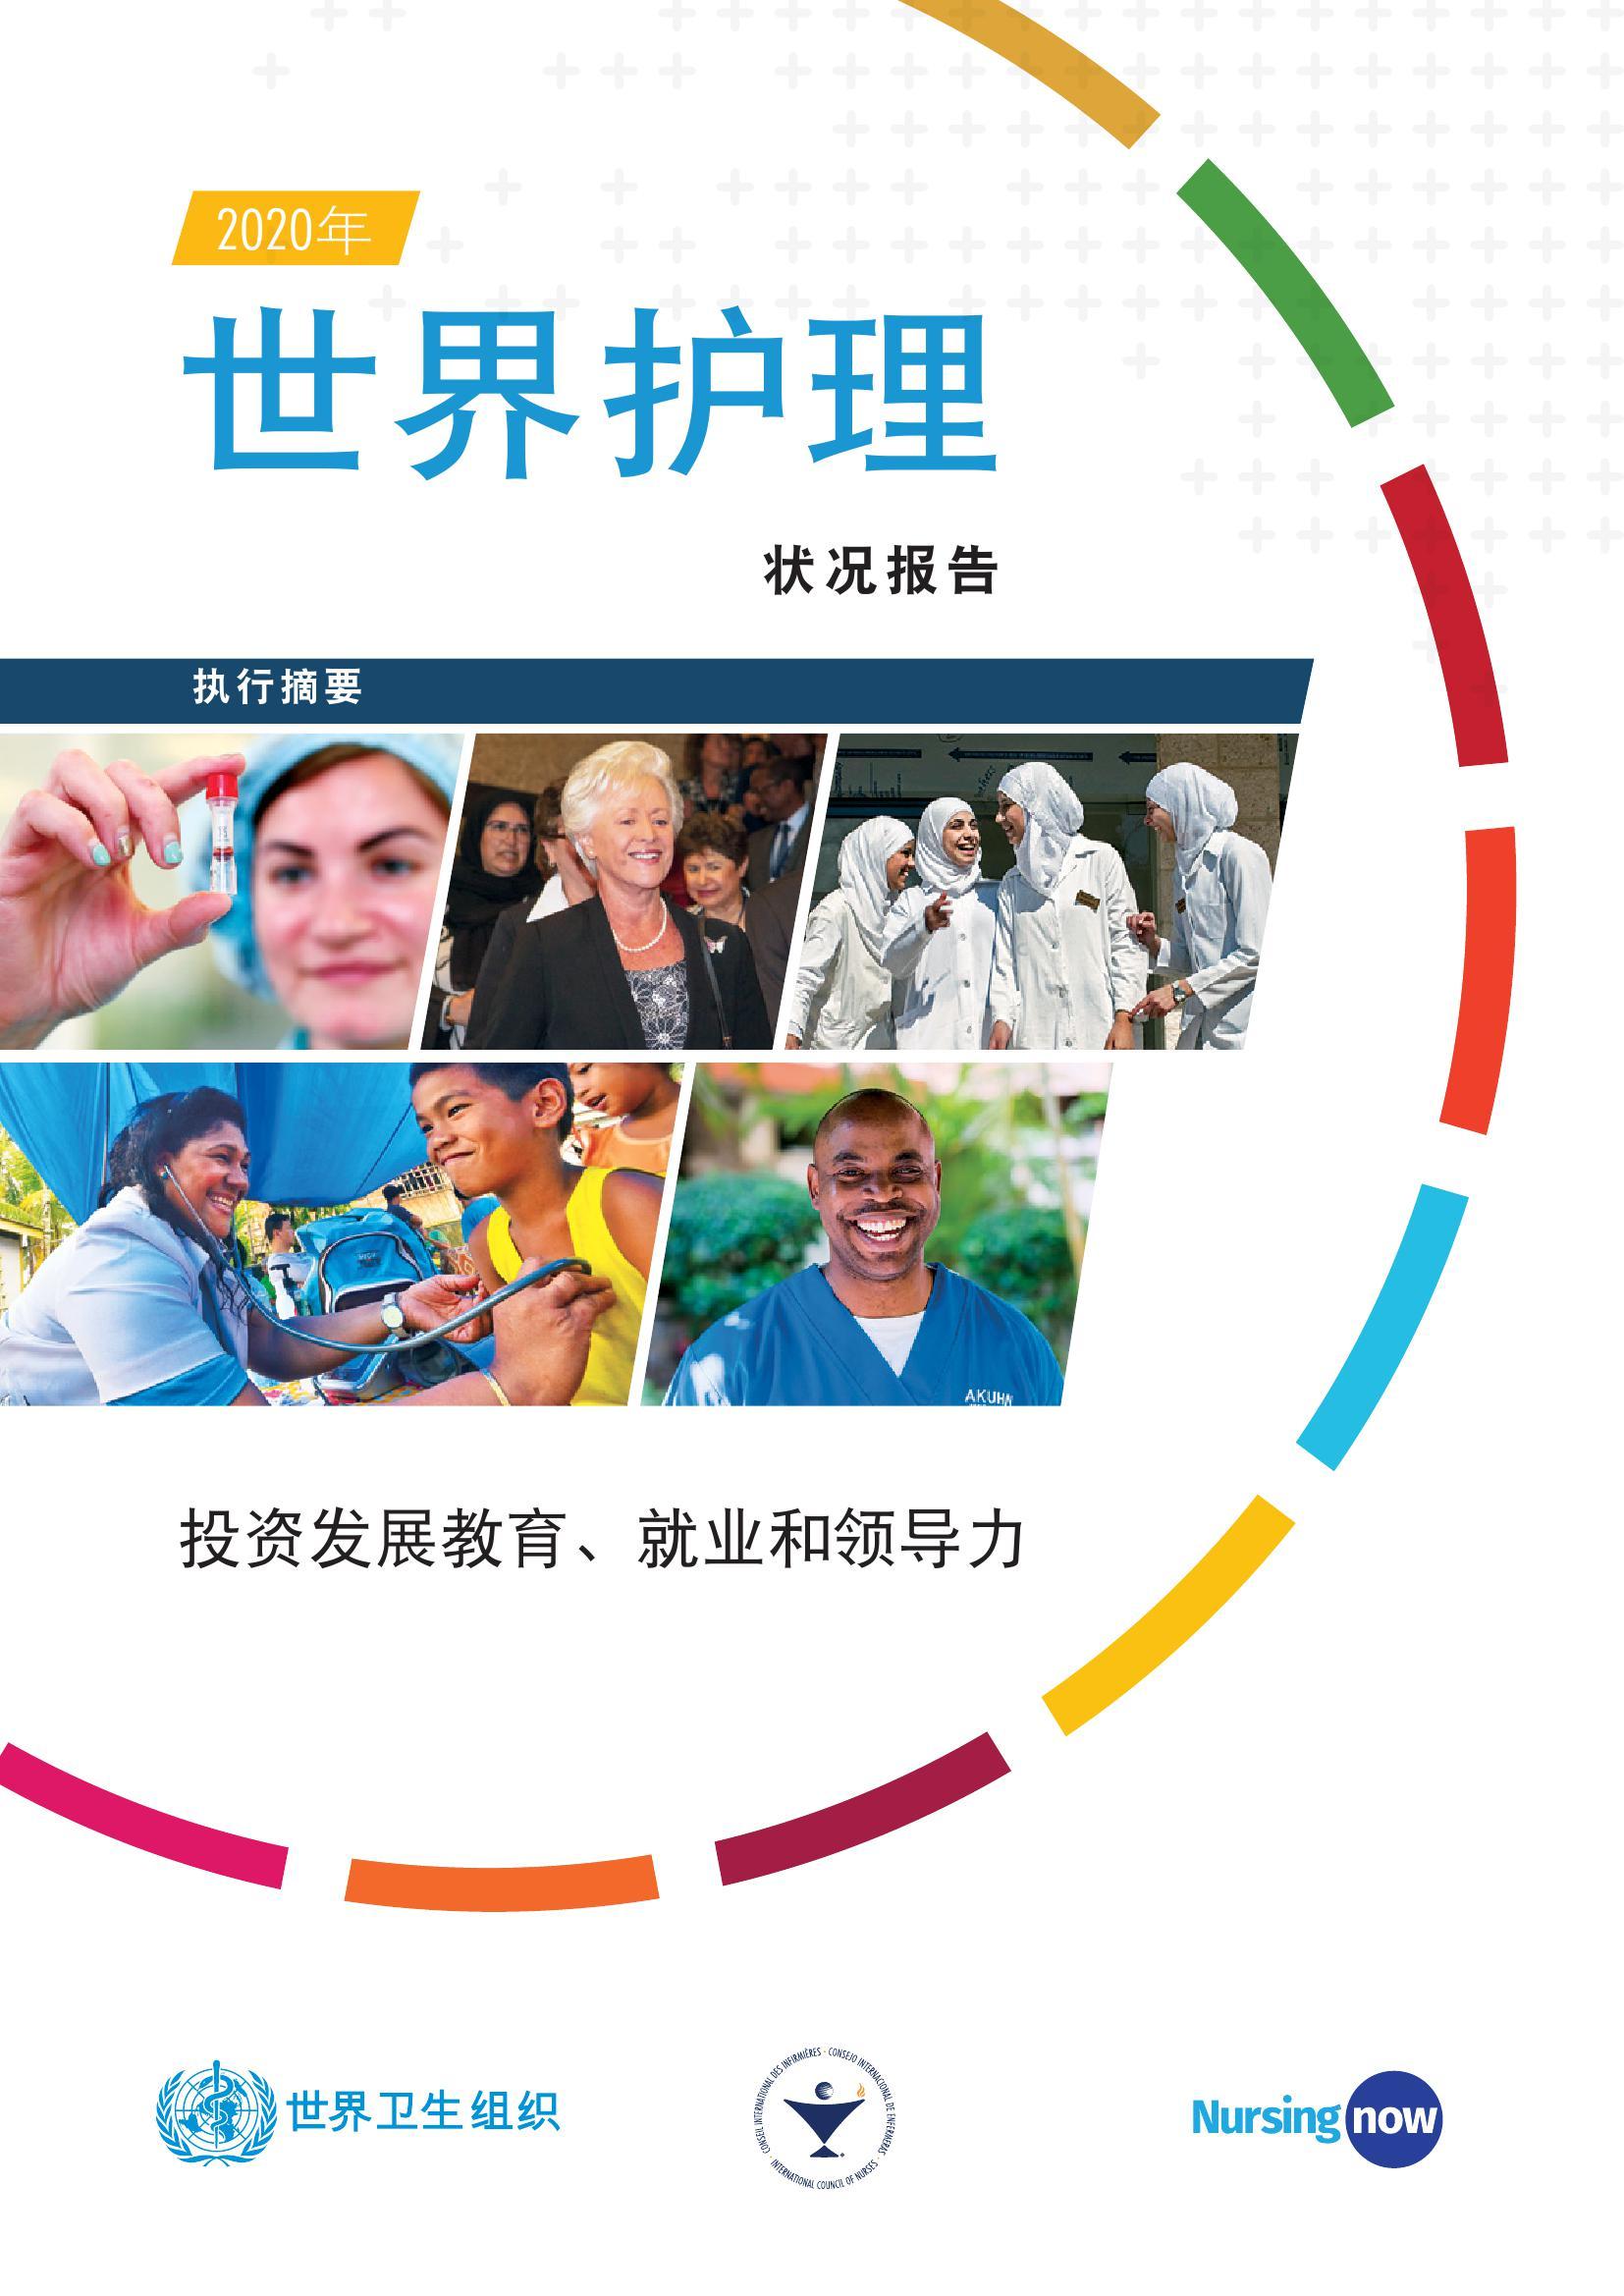 世卫组织:2020年世界护理状况报告